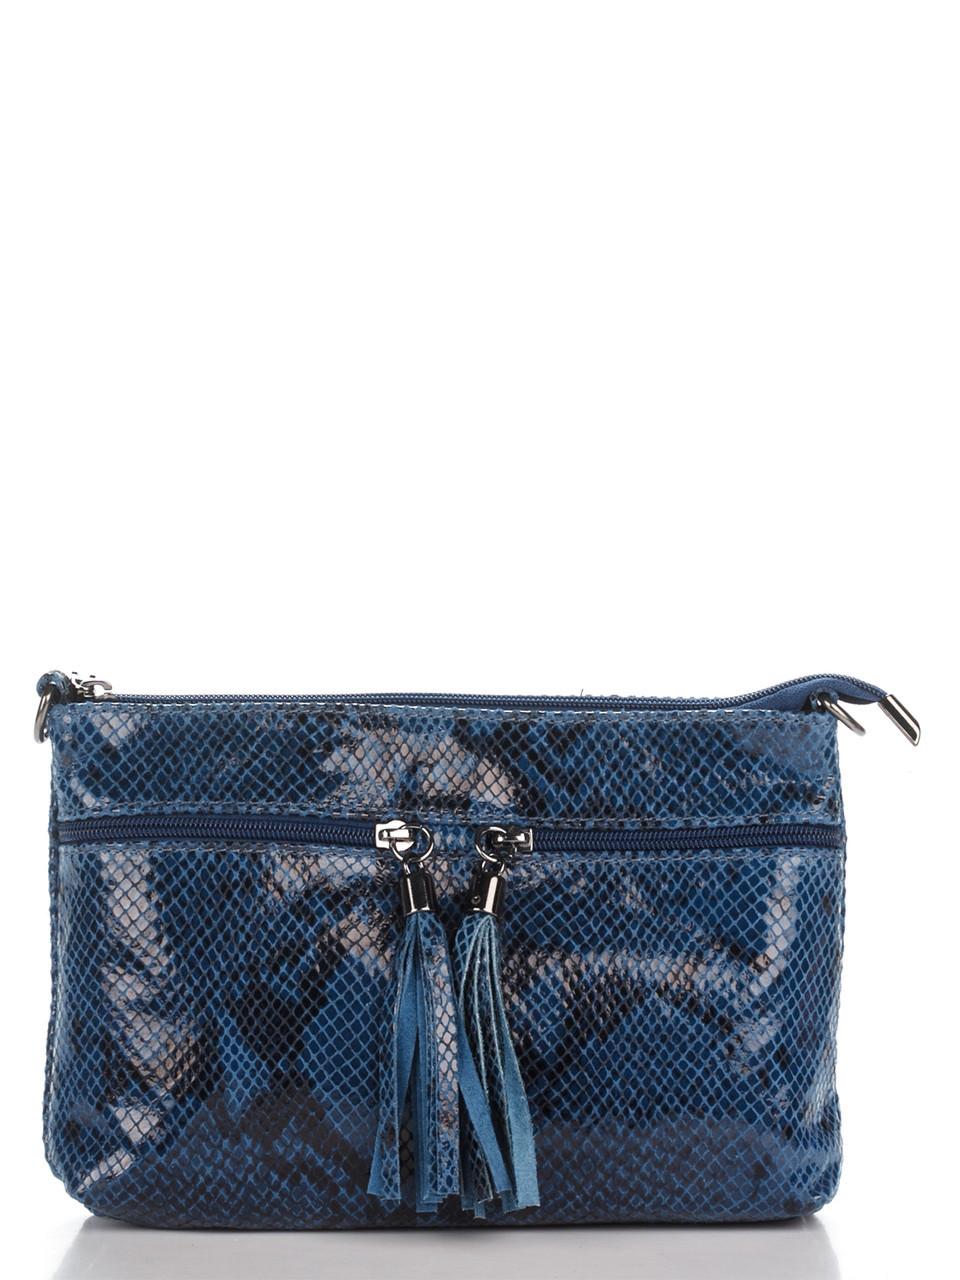 Женская кожаная сумка LEA Diva's Bag цвет синий